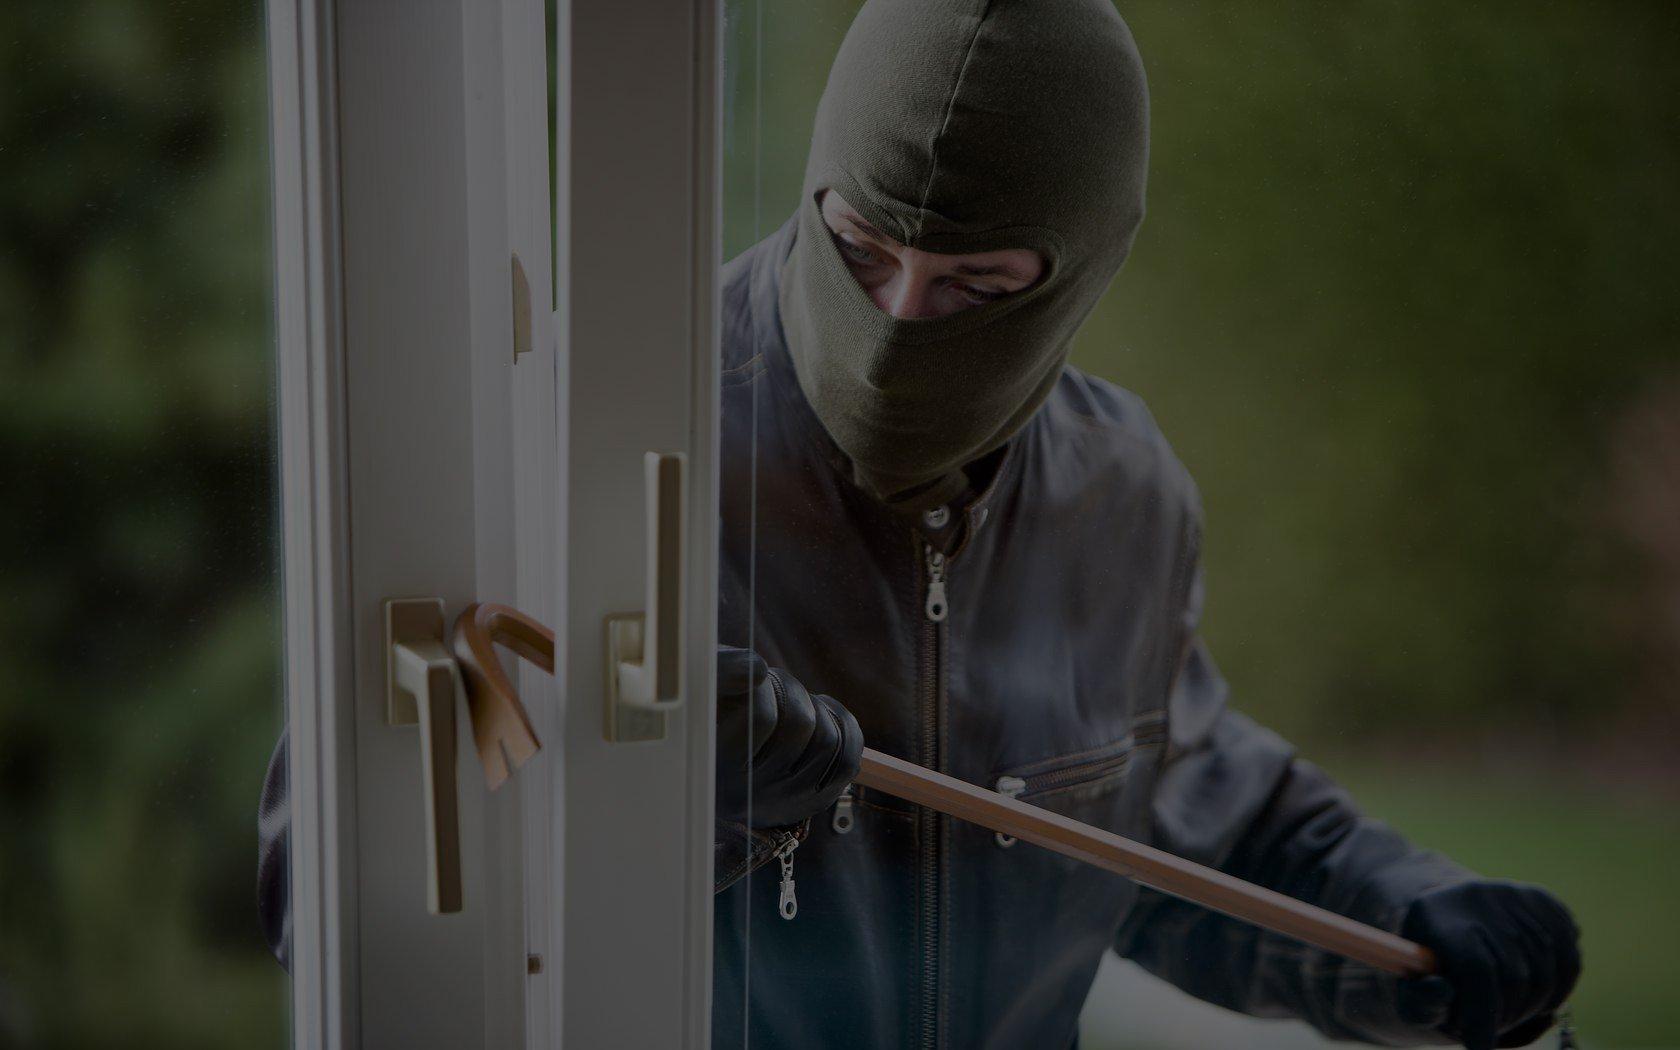 Giem Güvenlik Ev Güvenliği